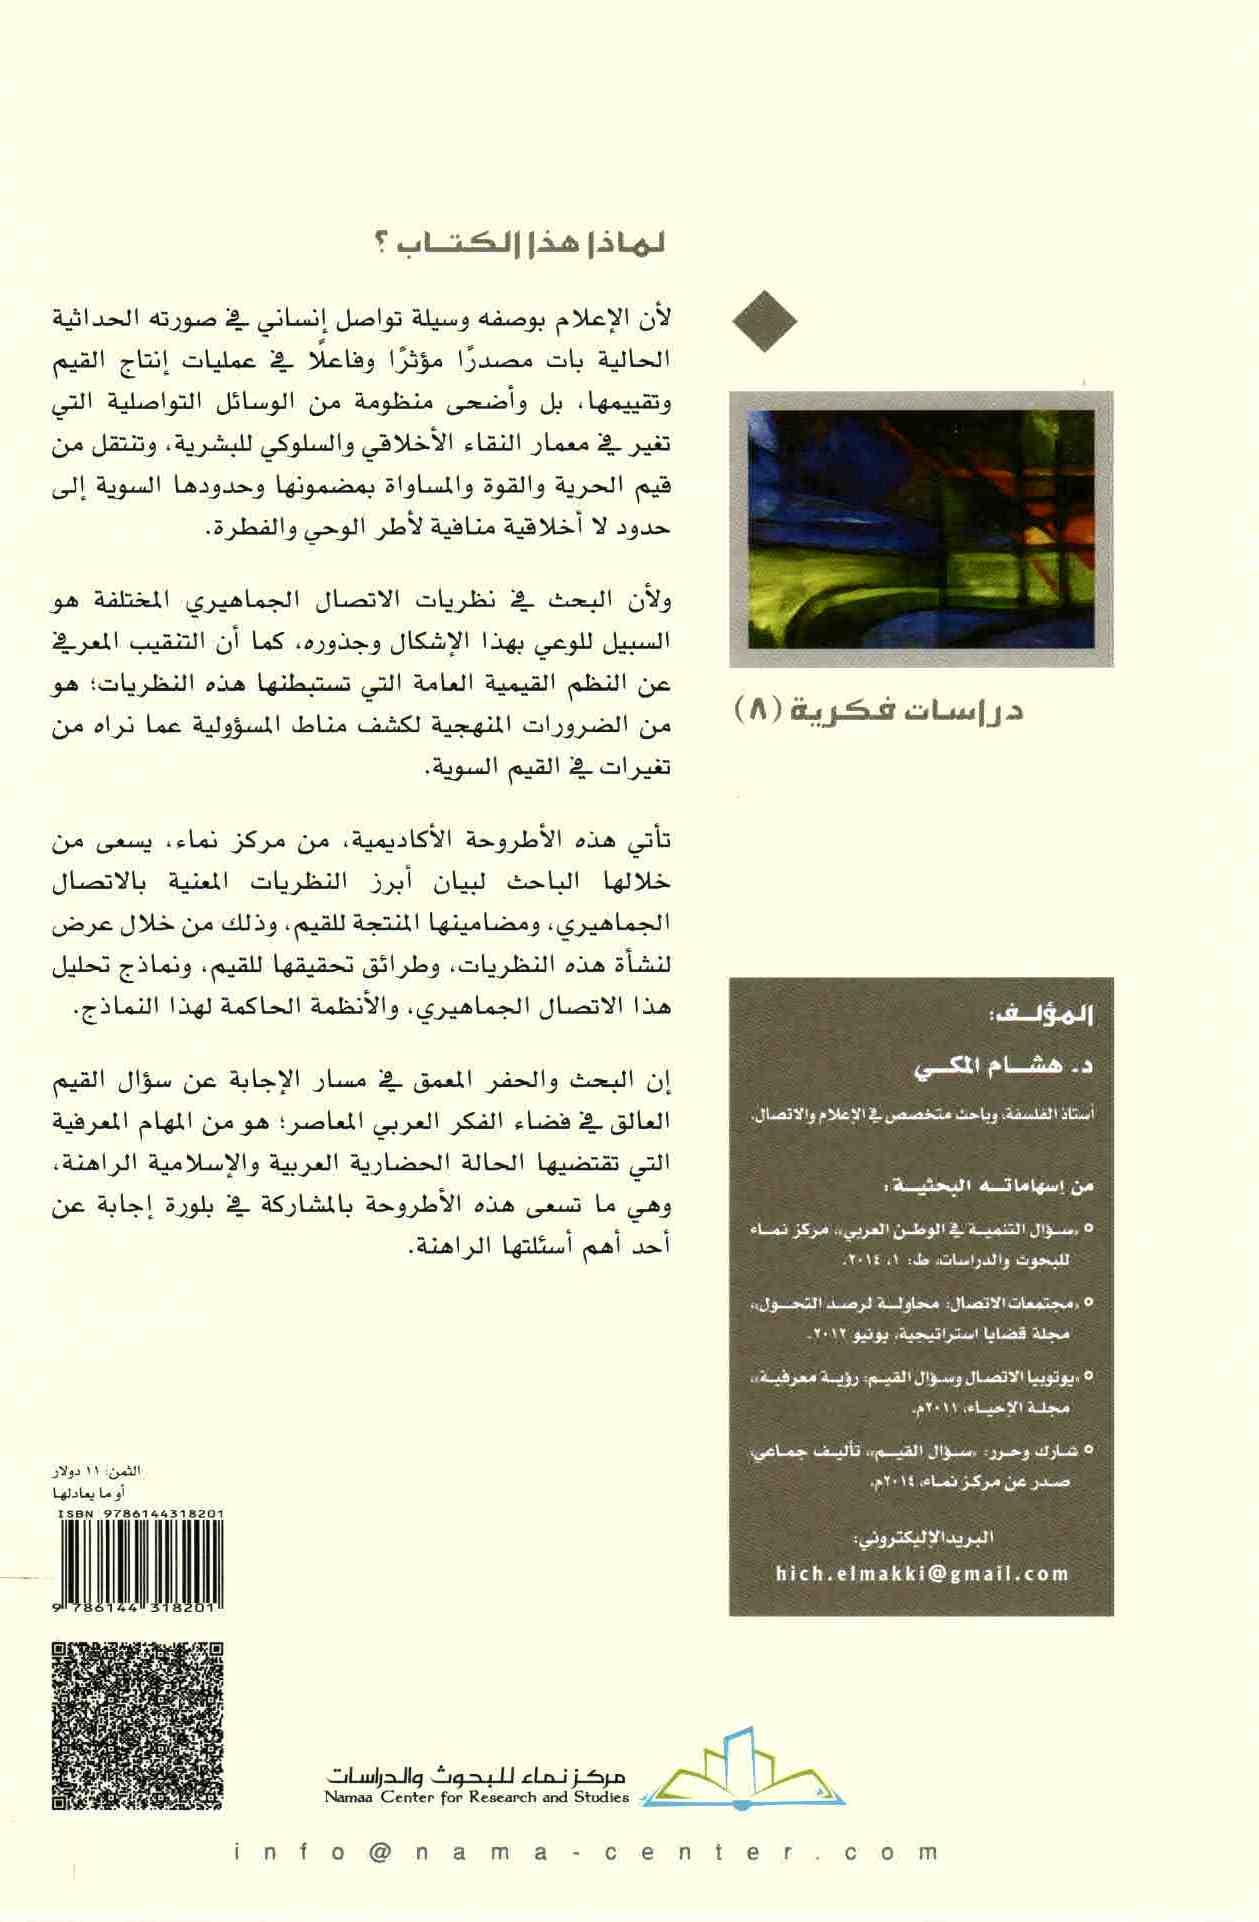 غلاف كتاب الاتصال الجماهيري